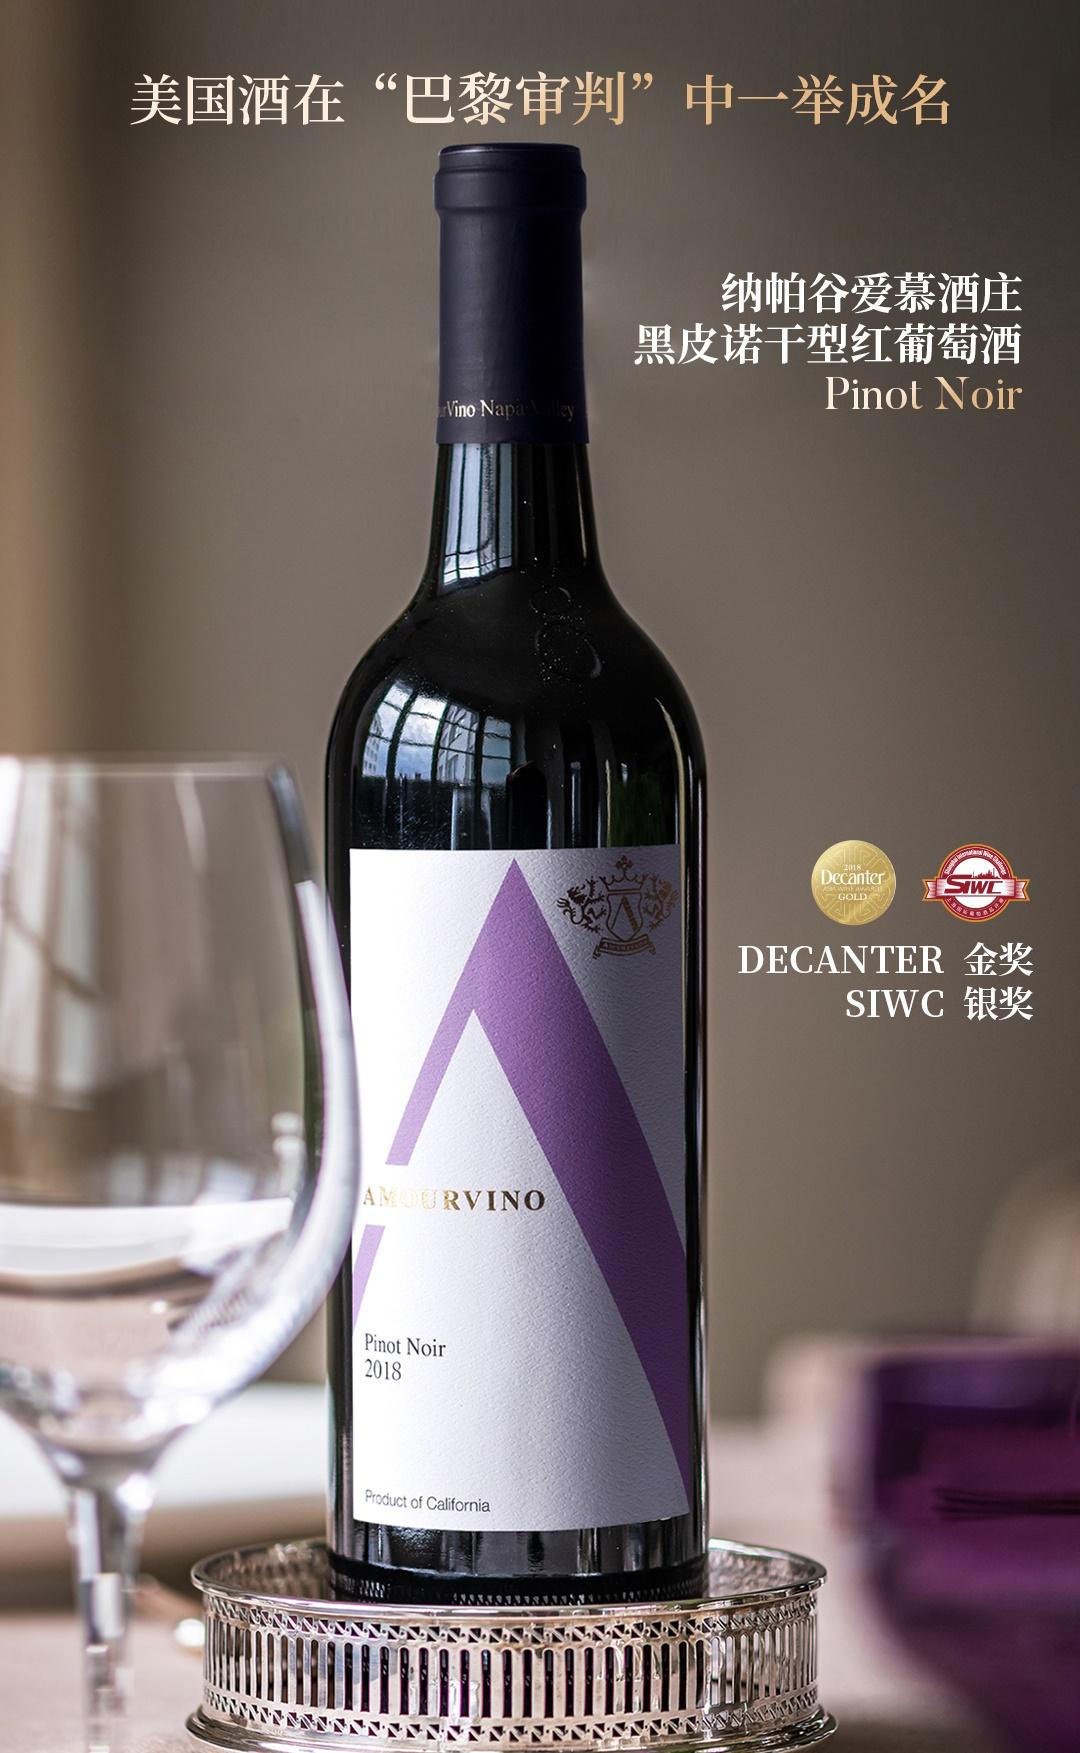 美国洛迪爱慕酒庄黑皮诺加州干红葡萄酒(爱慕酒庄)